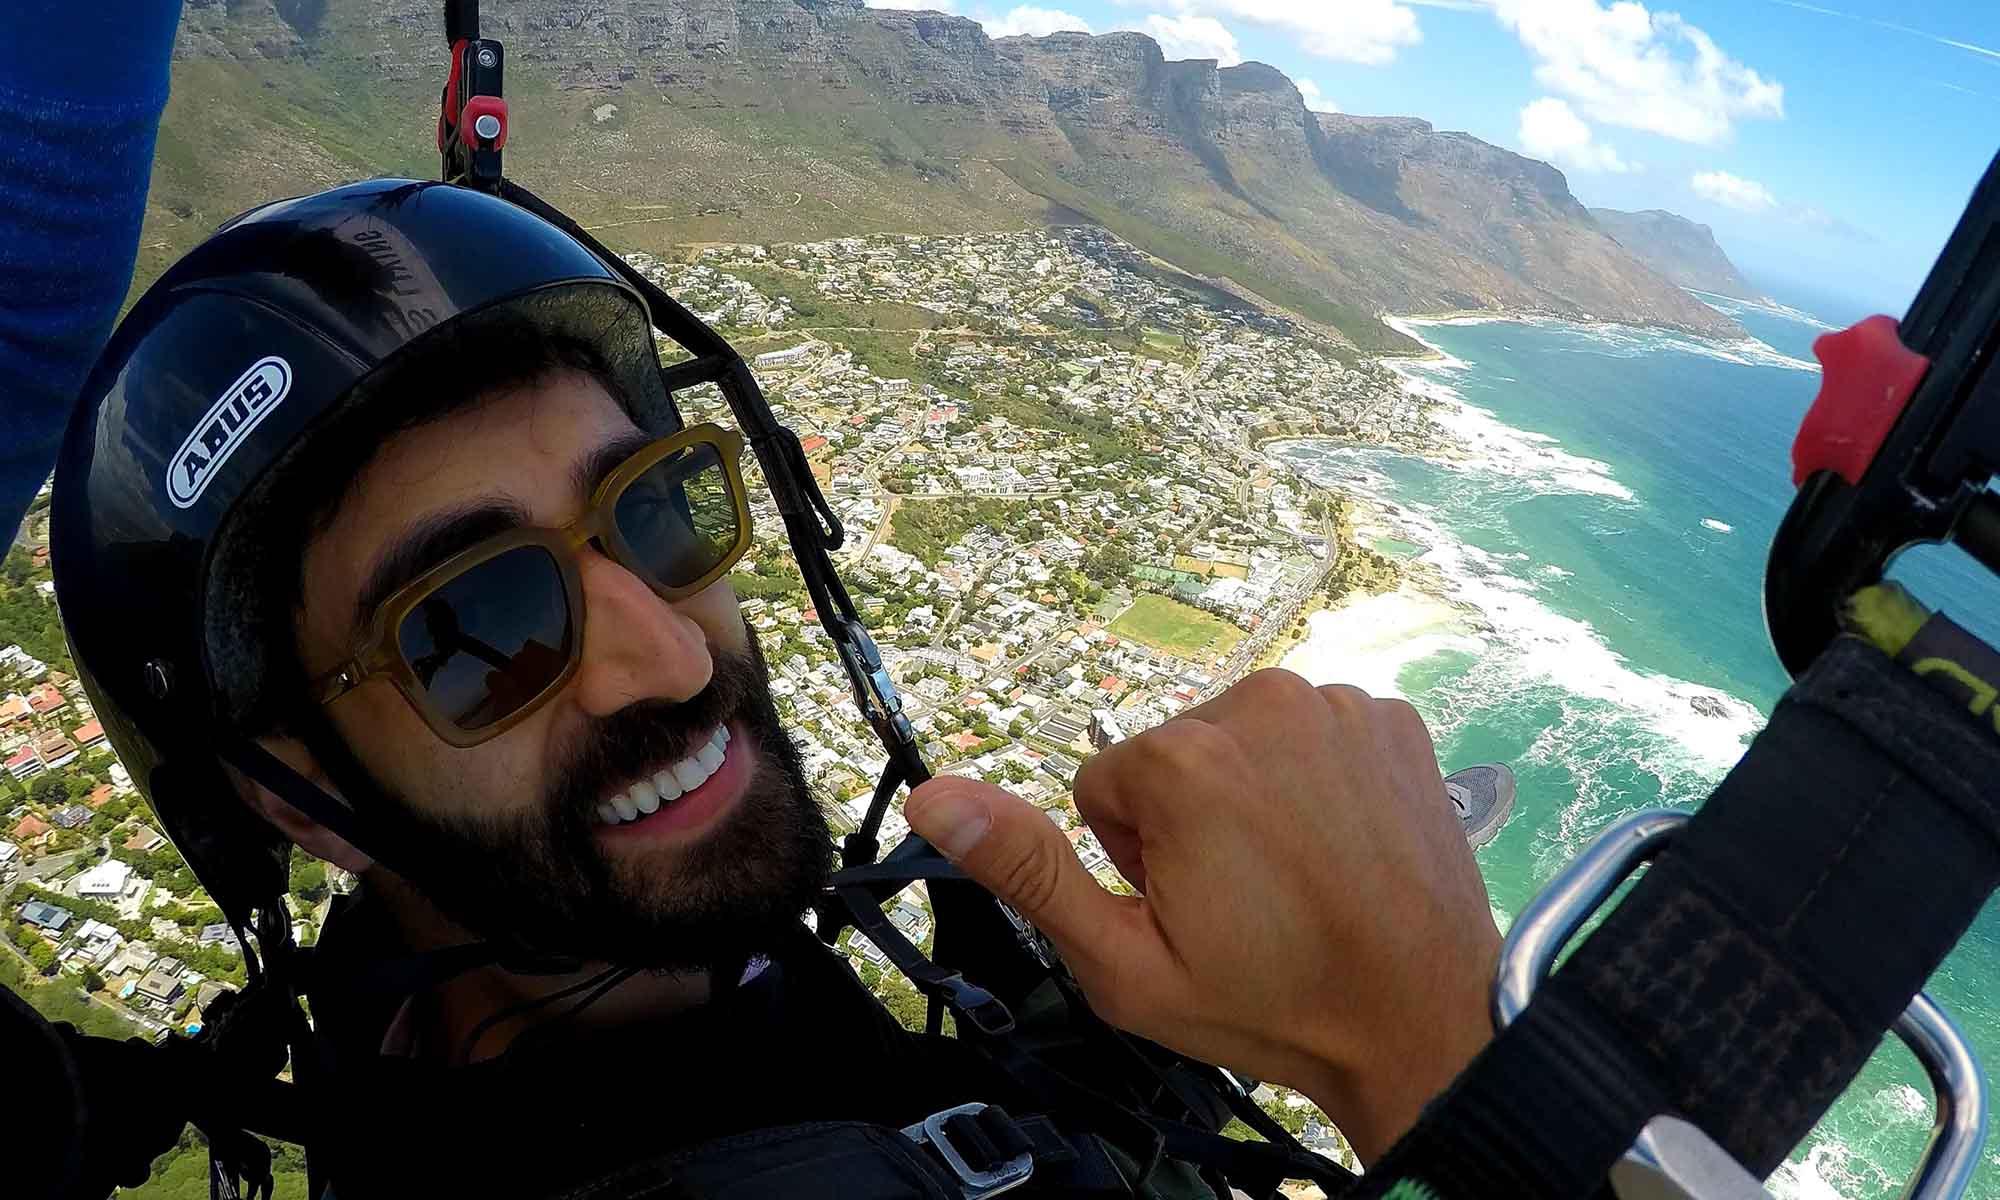 cape-hope-paragliding-08